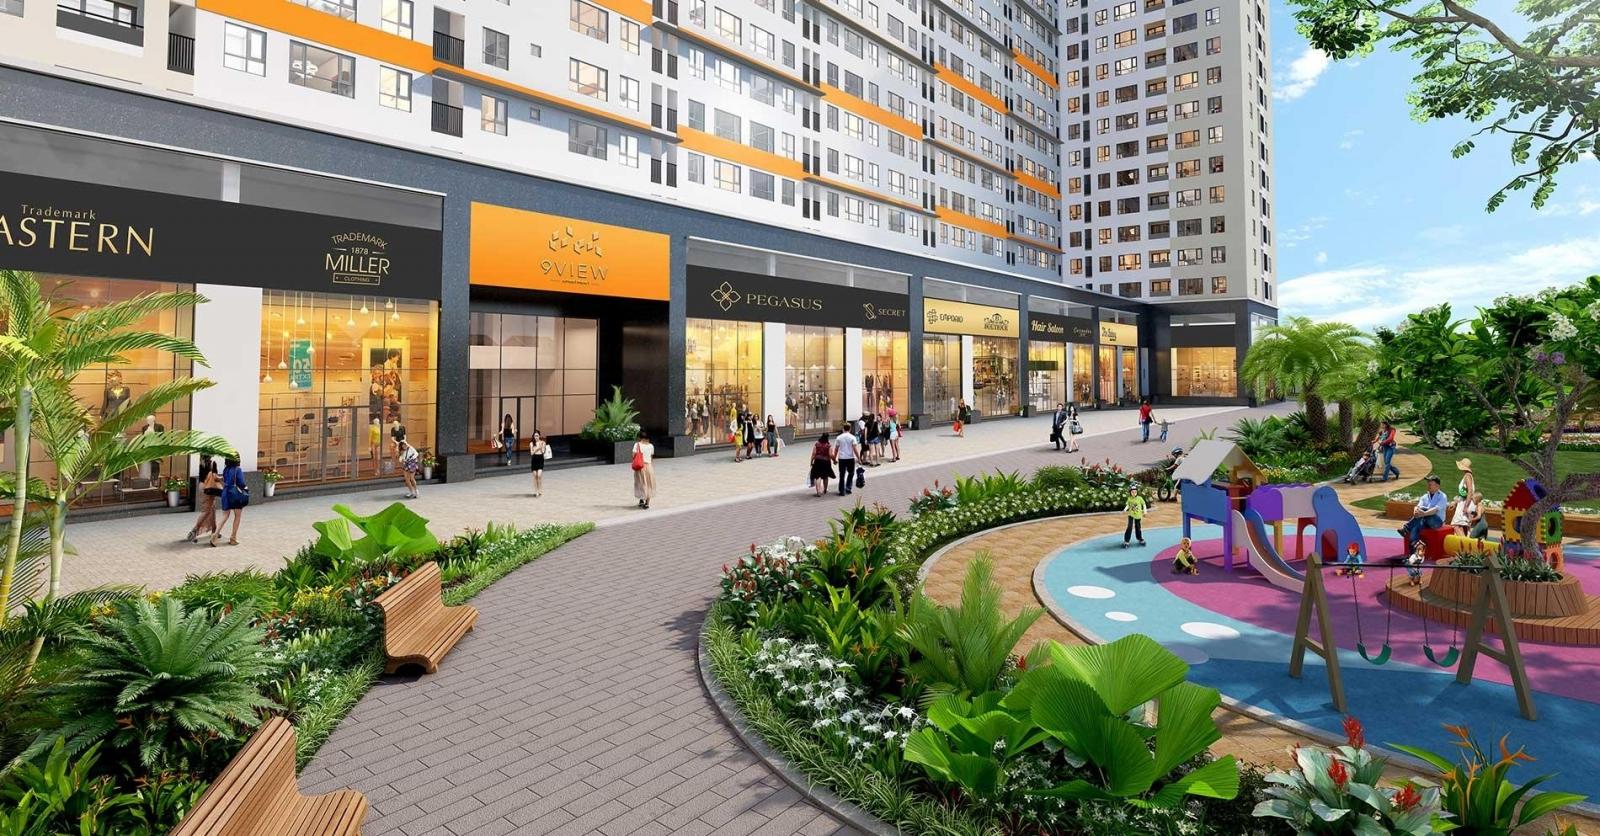 417 - Căn hộ thương mại là gì? Xu thếphát triển căn hộ thương mại tại Việt Nam